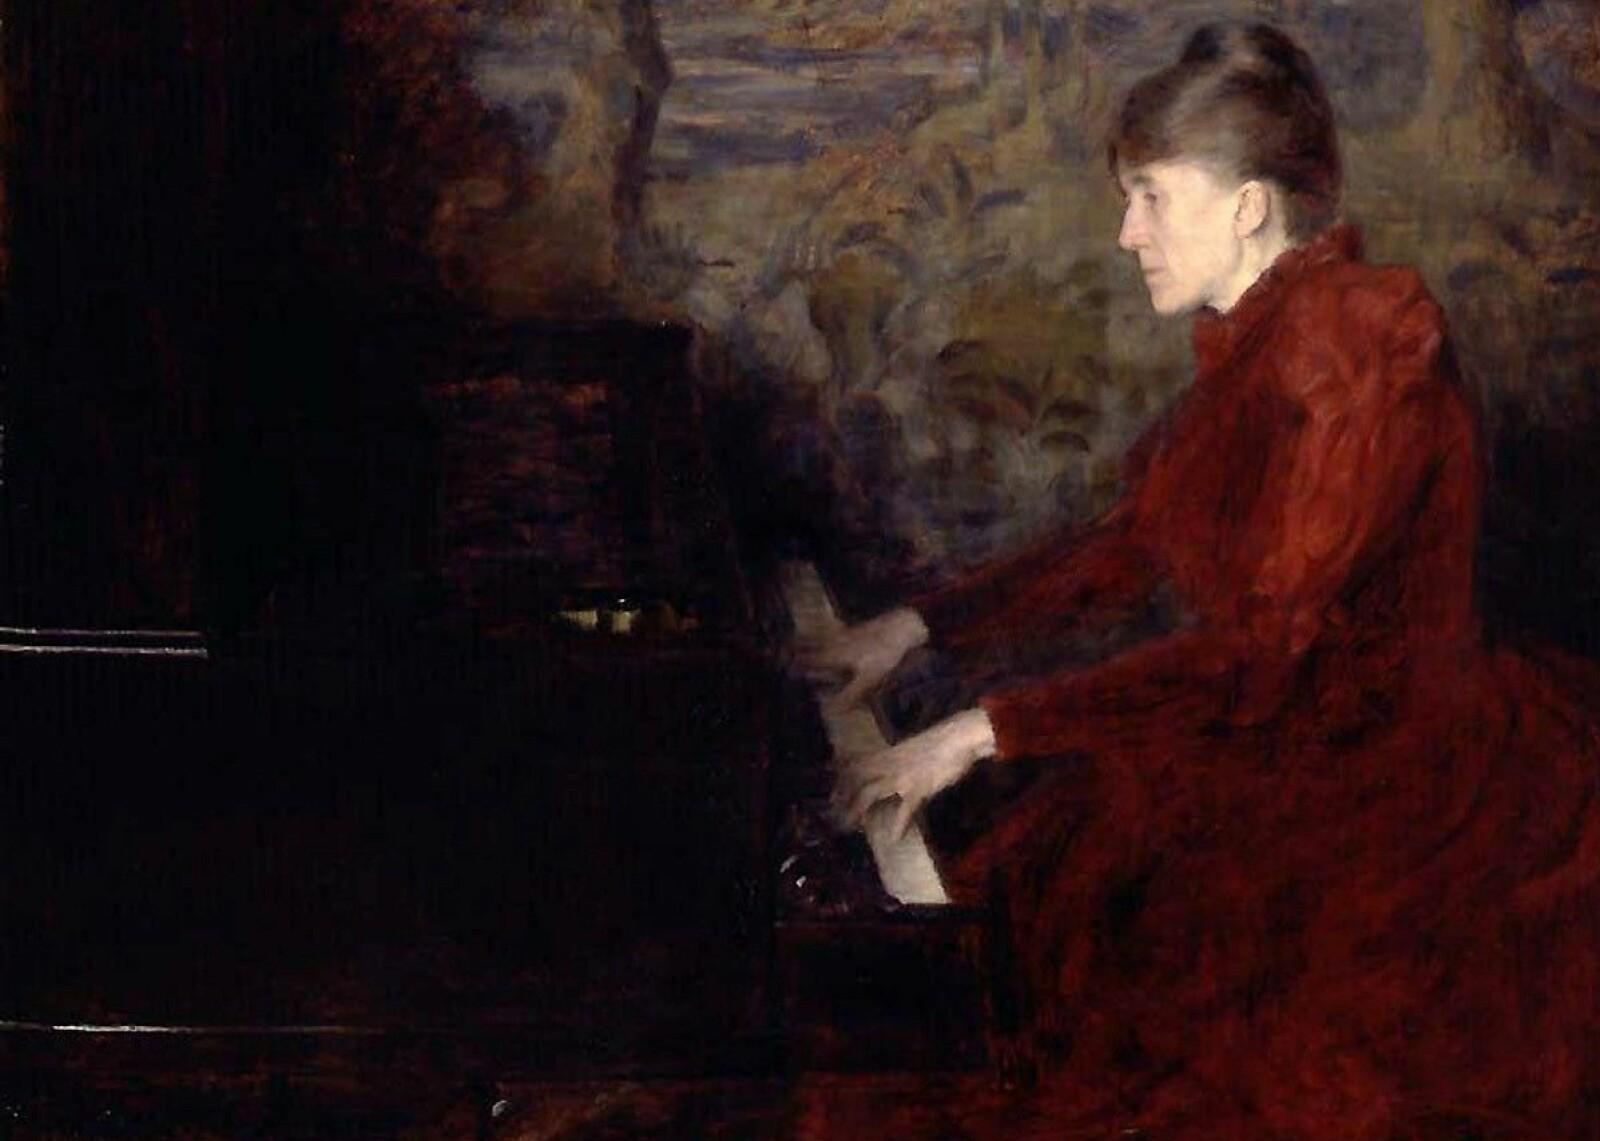 Erika Nissen malt av Erik Werenskiold i 1892.